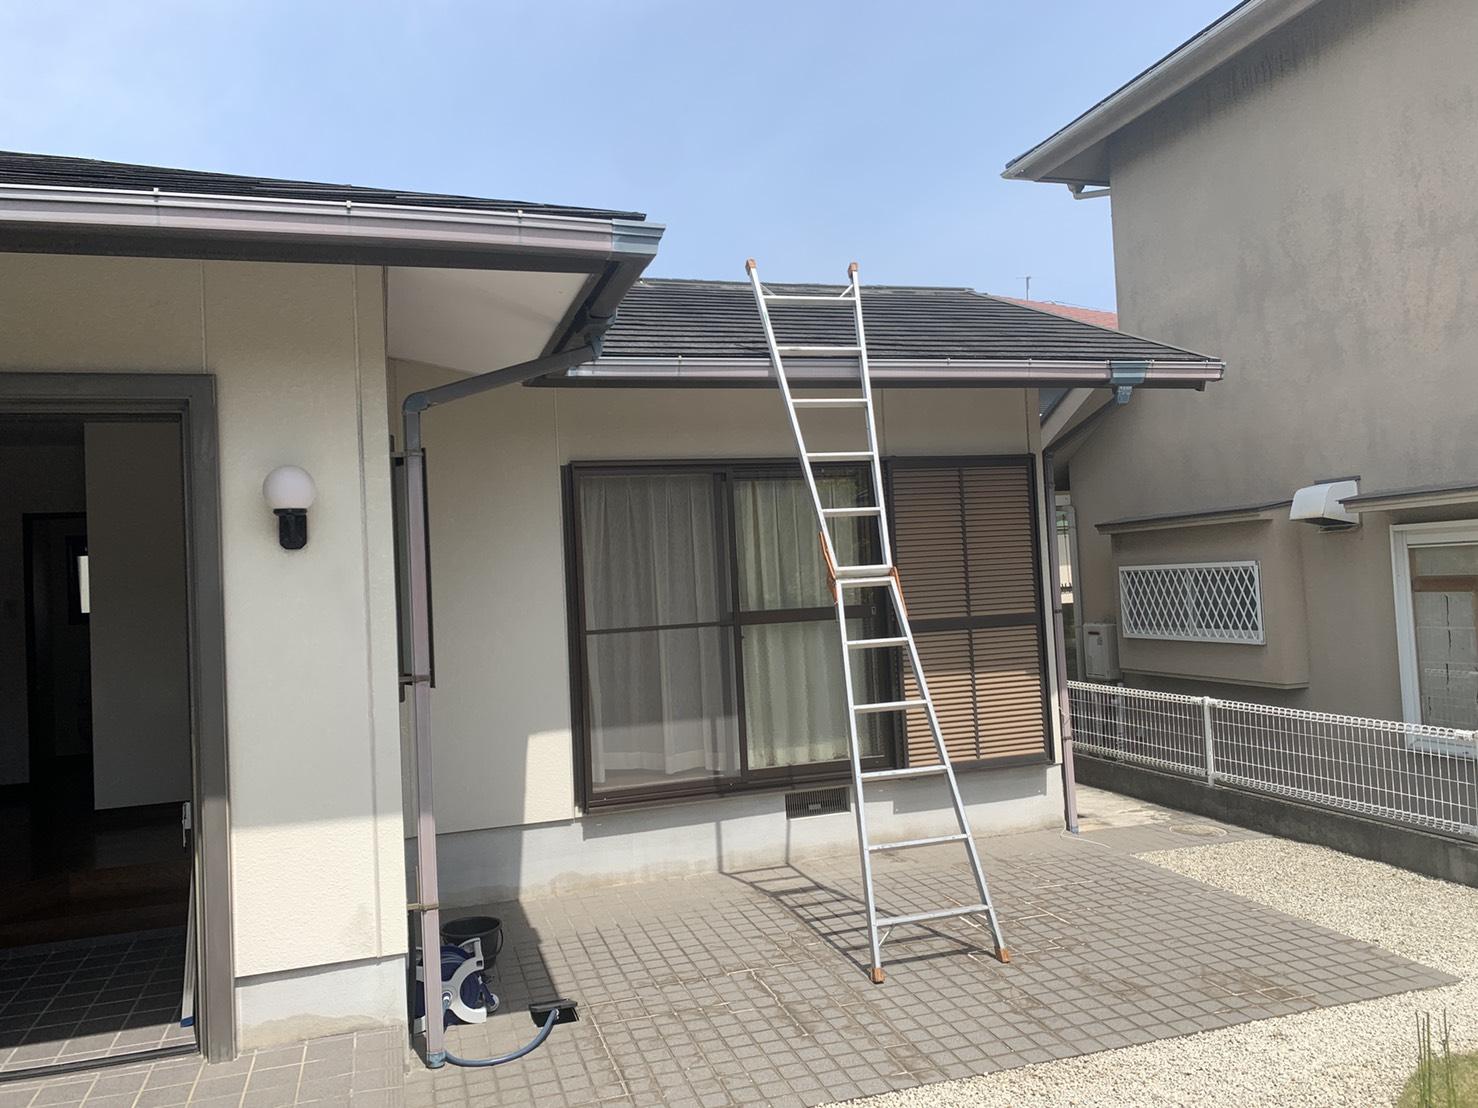 三田市でスレート屋根の調査を行った平屋建てのお家